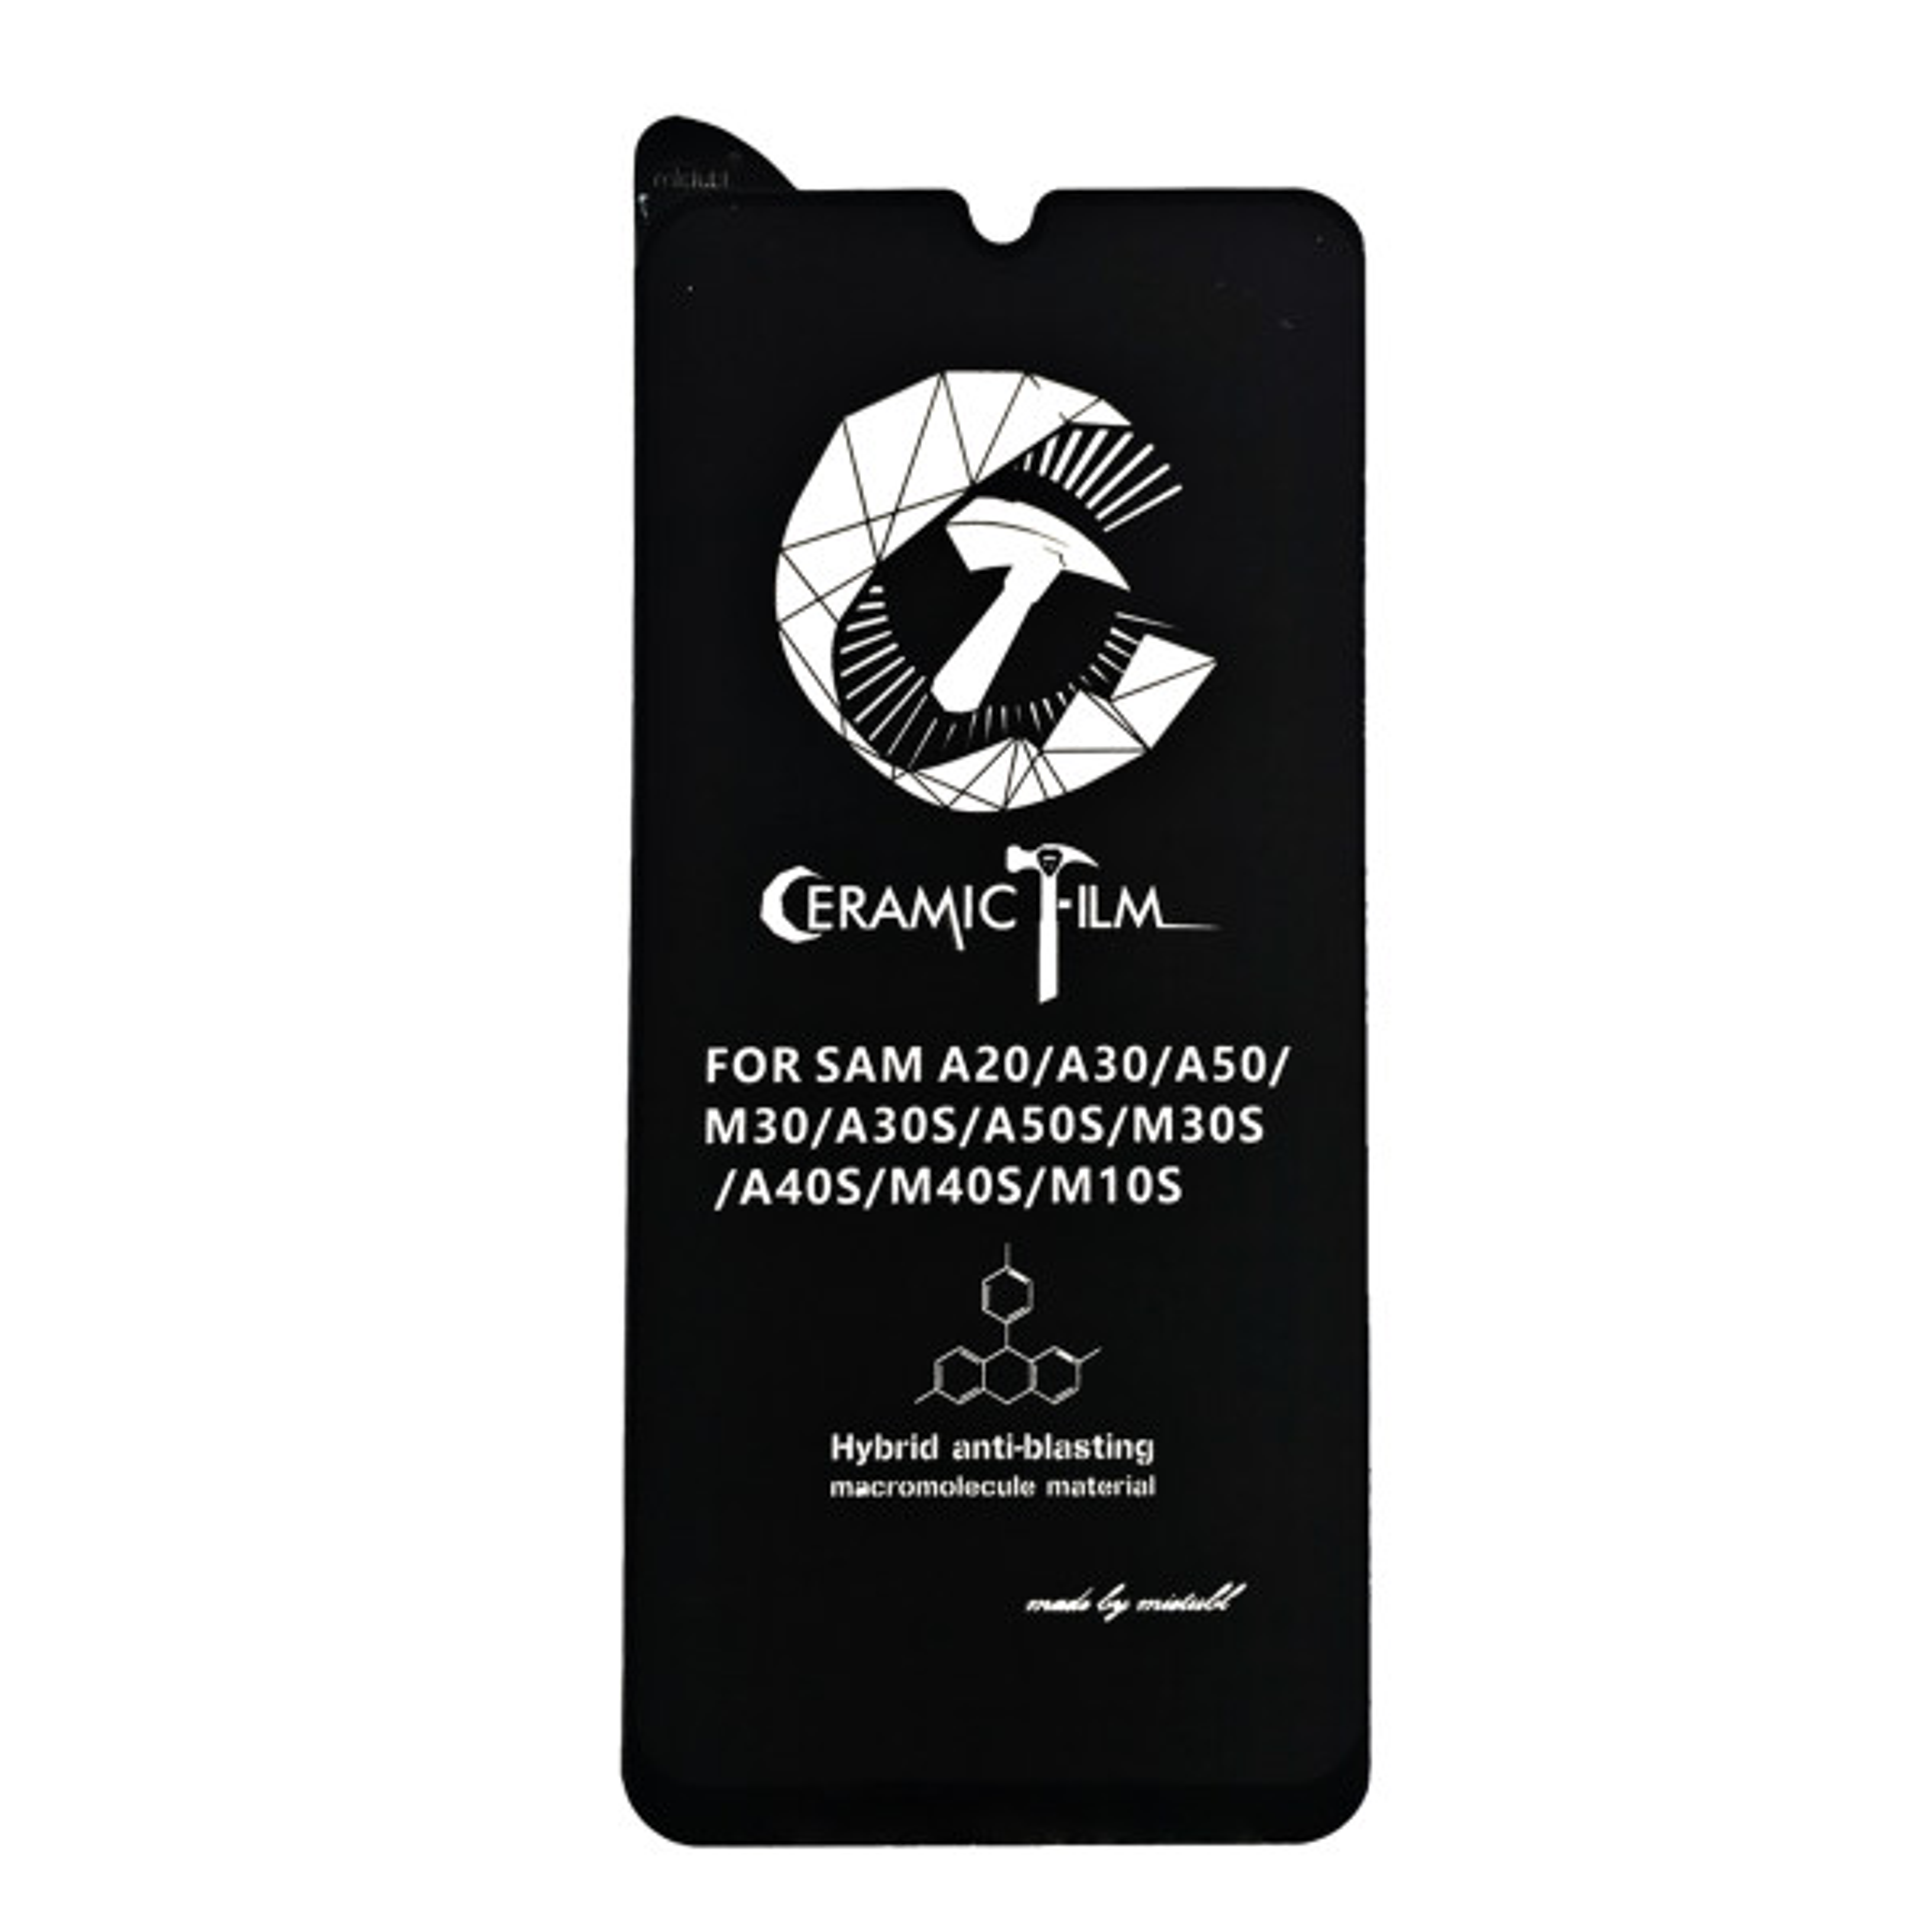 محافظ صفحه نمایش میتوبل مدل Pmma-01 مناسب برای گوشی موبایل سامسونگ Galaxy A50s